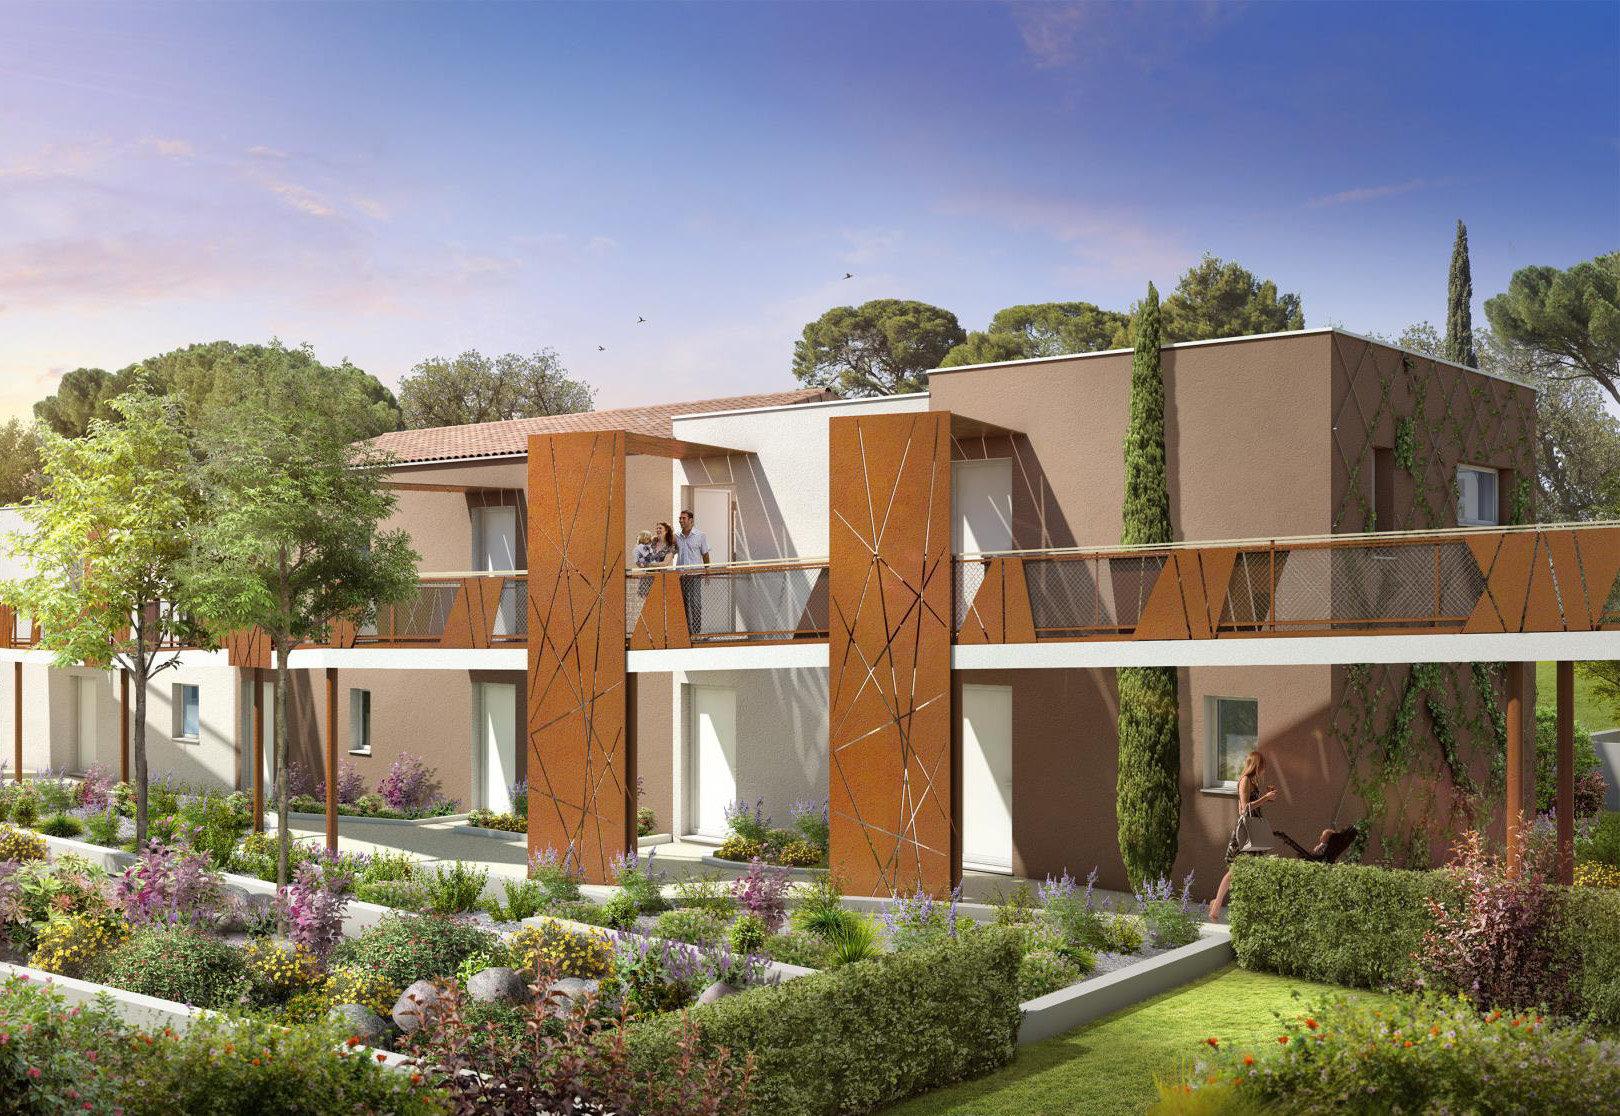 Appartement Neuf  39 m2 Type 2 - terrasse +parking